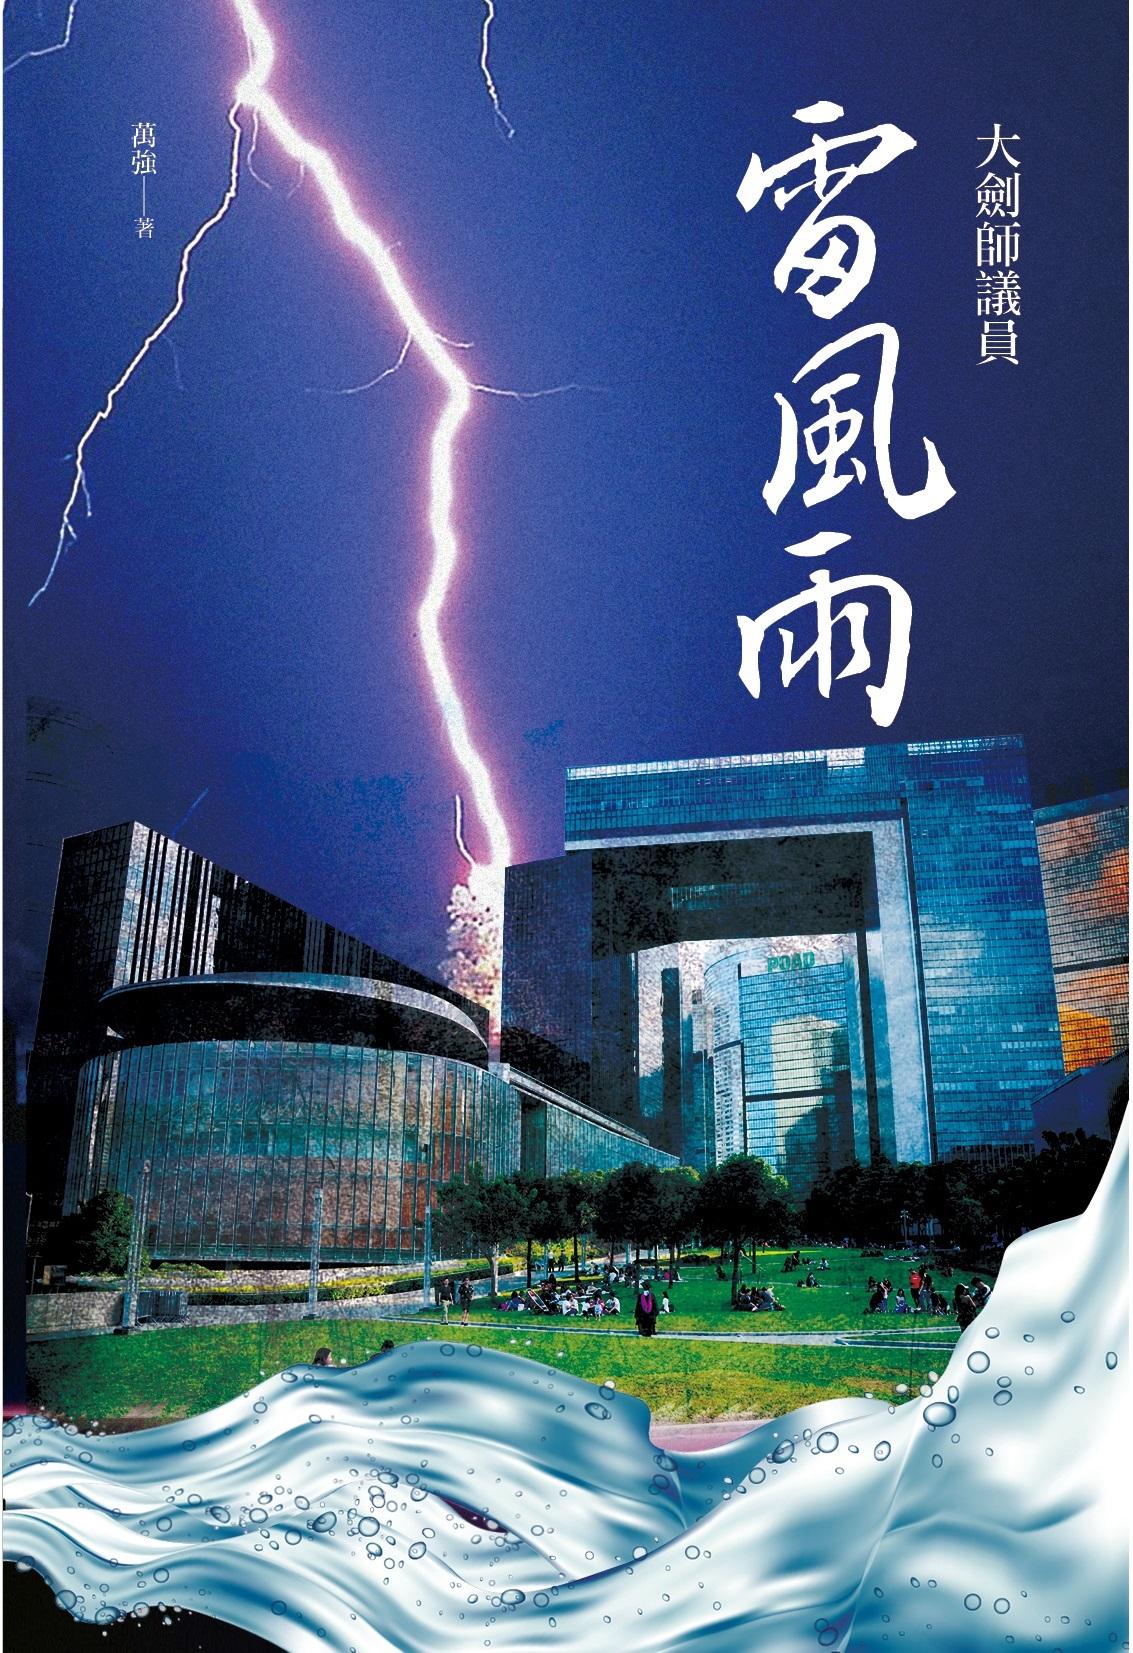 《大劍師議員—雷風雨》現已出版!